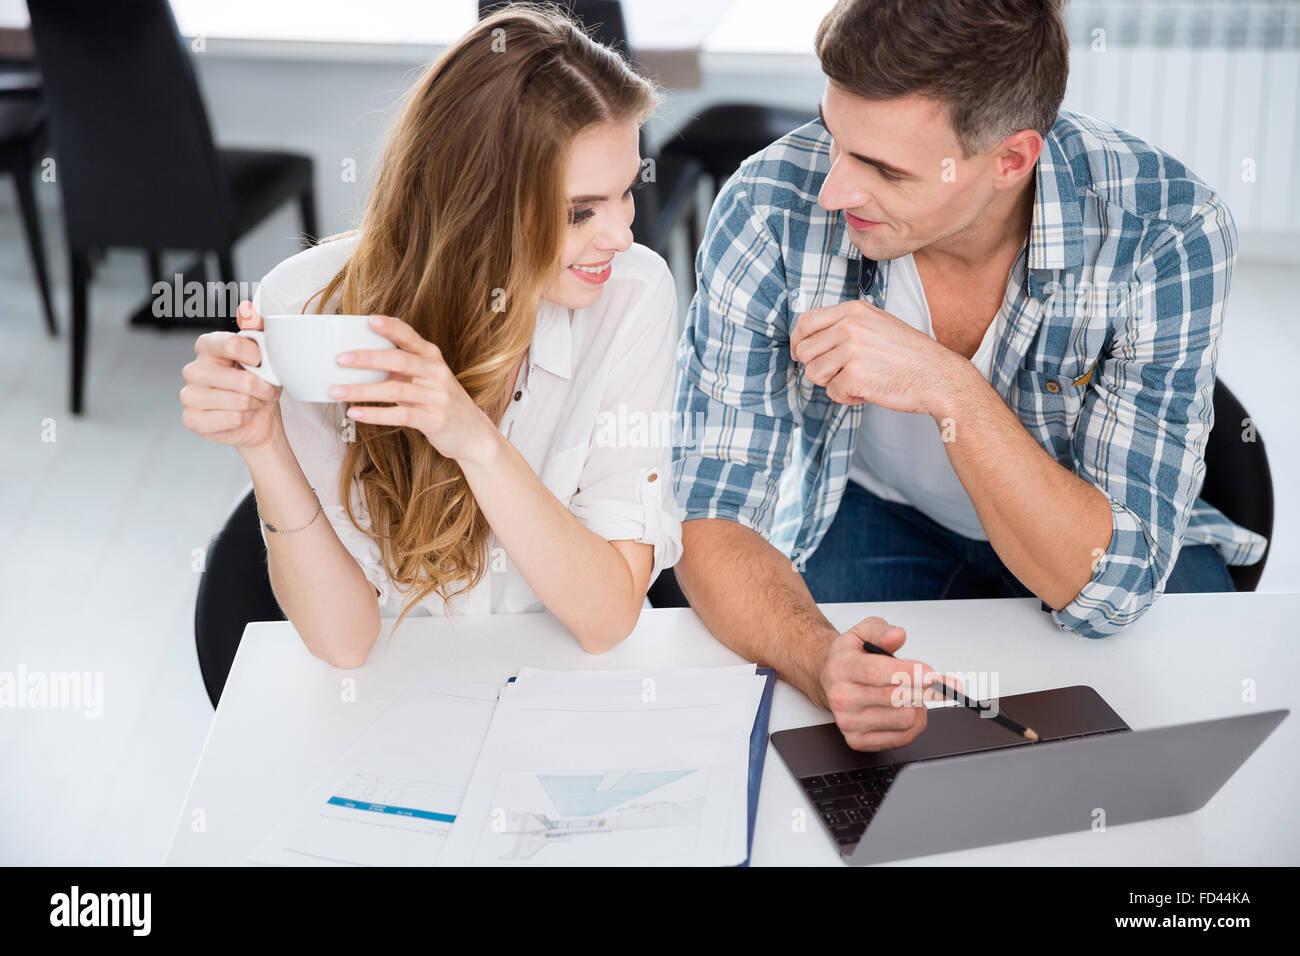 Felice colleghi seduti in ufficio e lavorare con il computer portatile insieme Immagini Stock